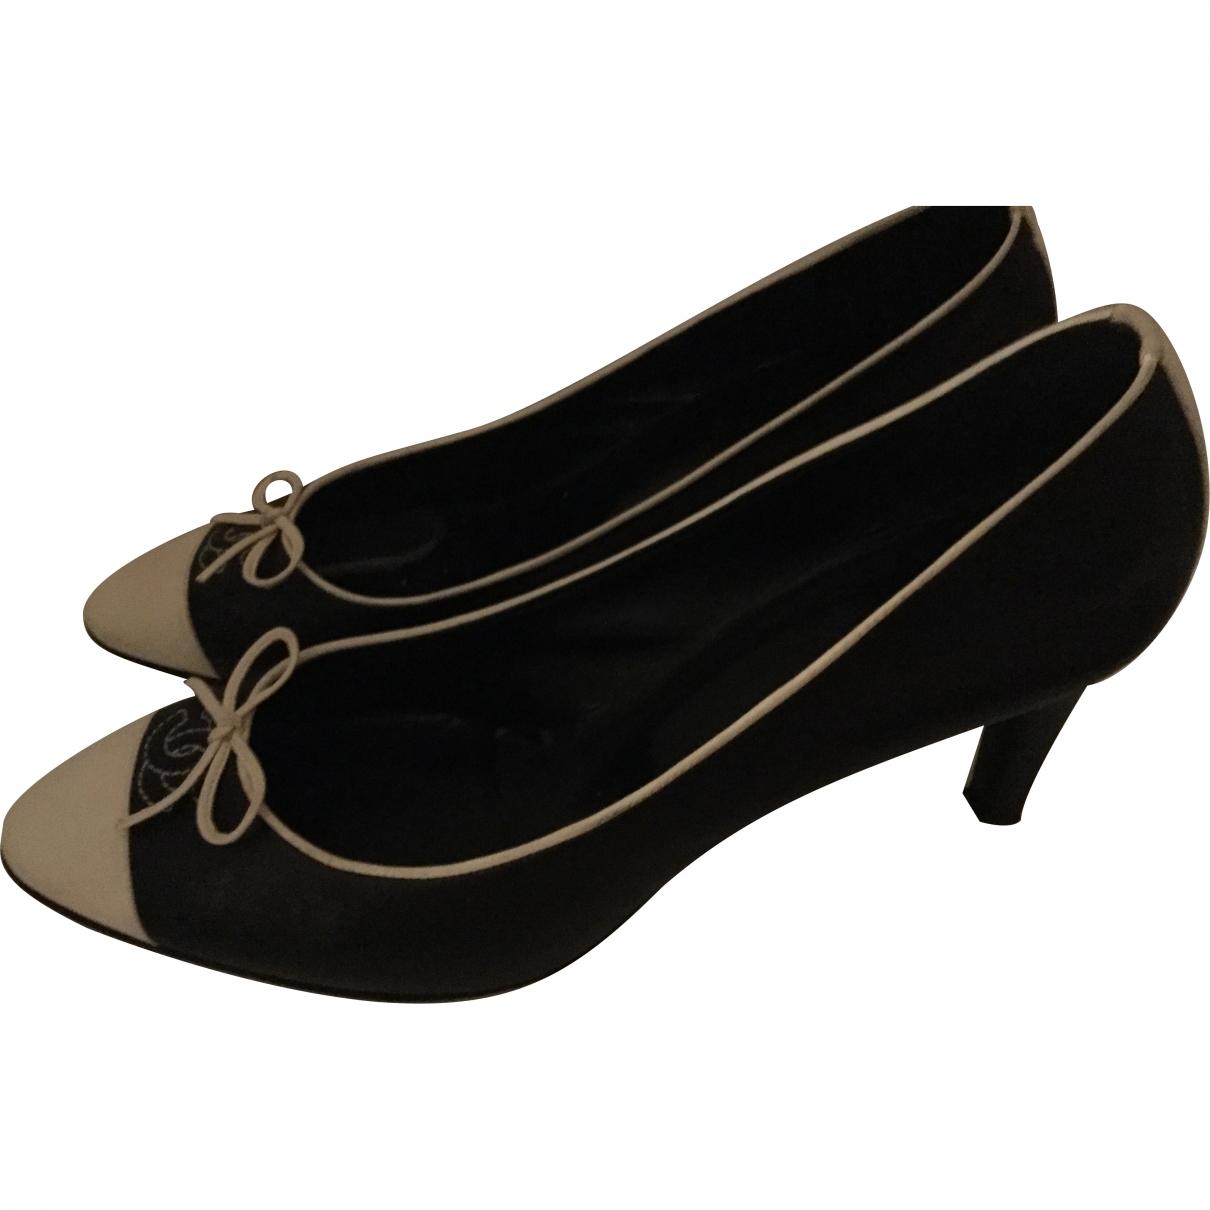 Chanel \N Black Leather Heels for Women 40 EU